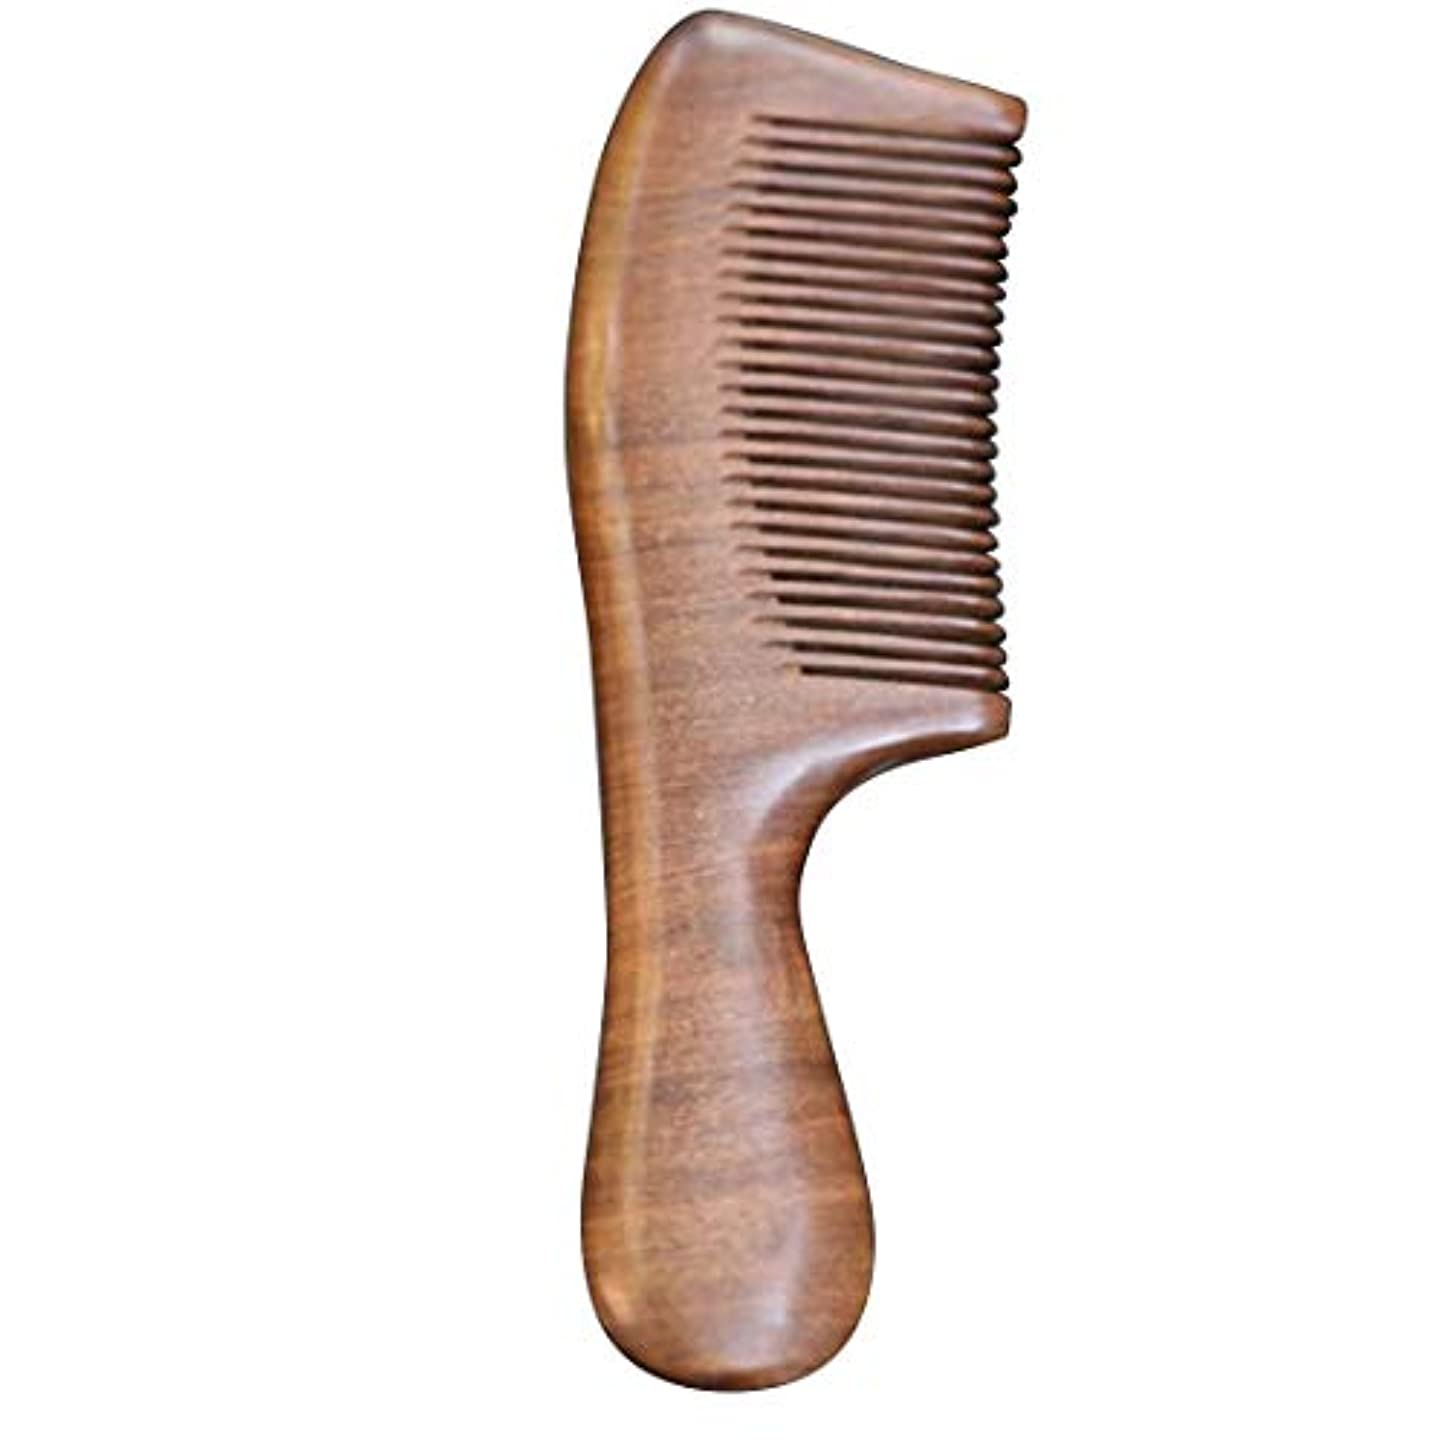 創傷目の前のドール帯電防止の木及びギフト用の箱20cmが付いている頭髪のためのほつれた手作りのブラシ無し、ヘアーコームの家族 モデリングツール (色 : ゴールド)